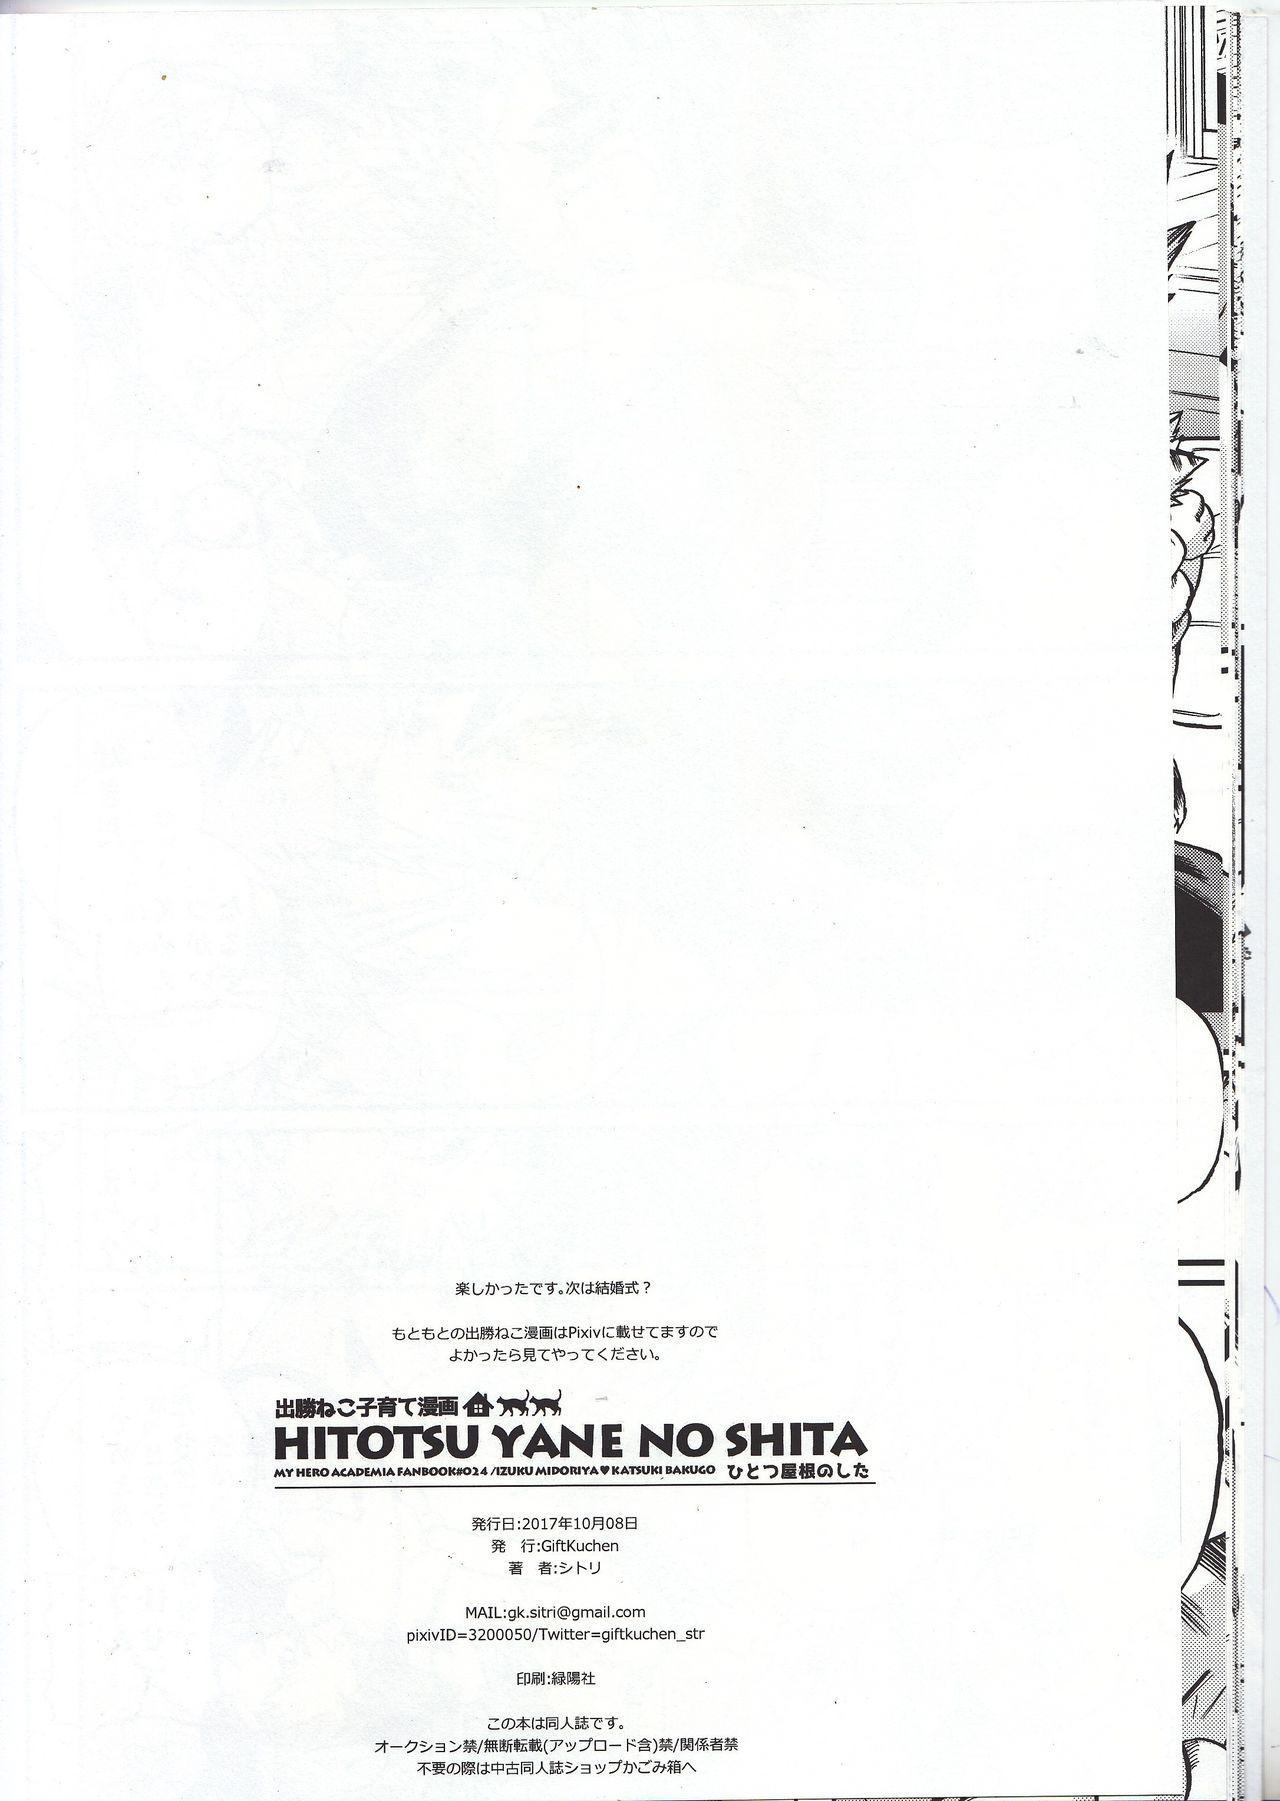 Hitotsu Yane no Shita 15